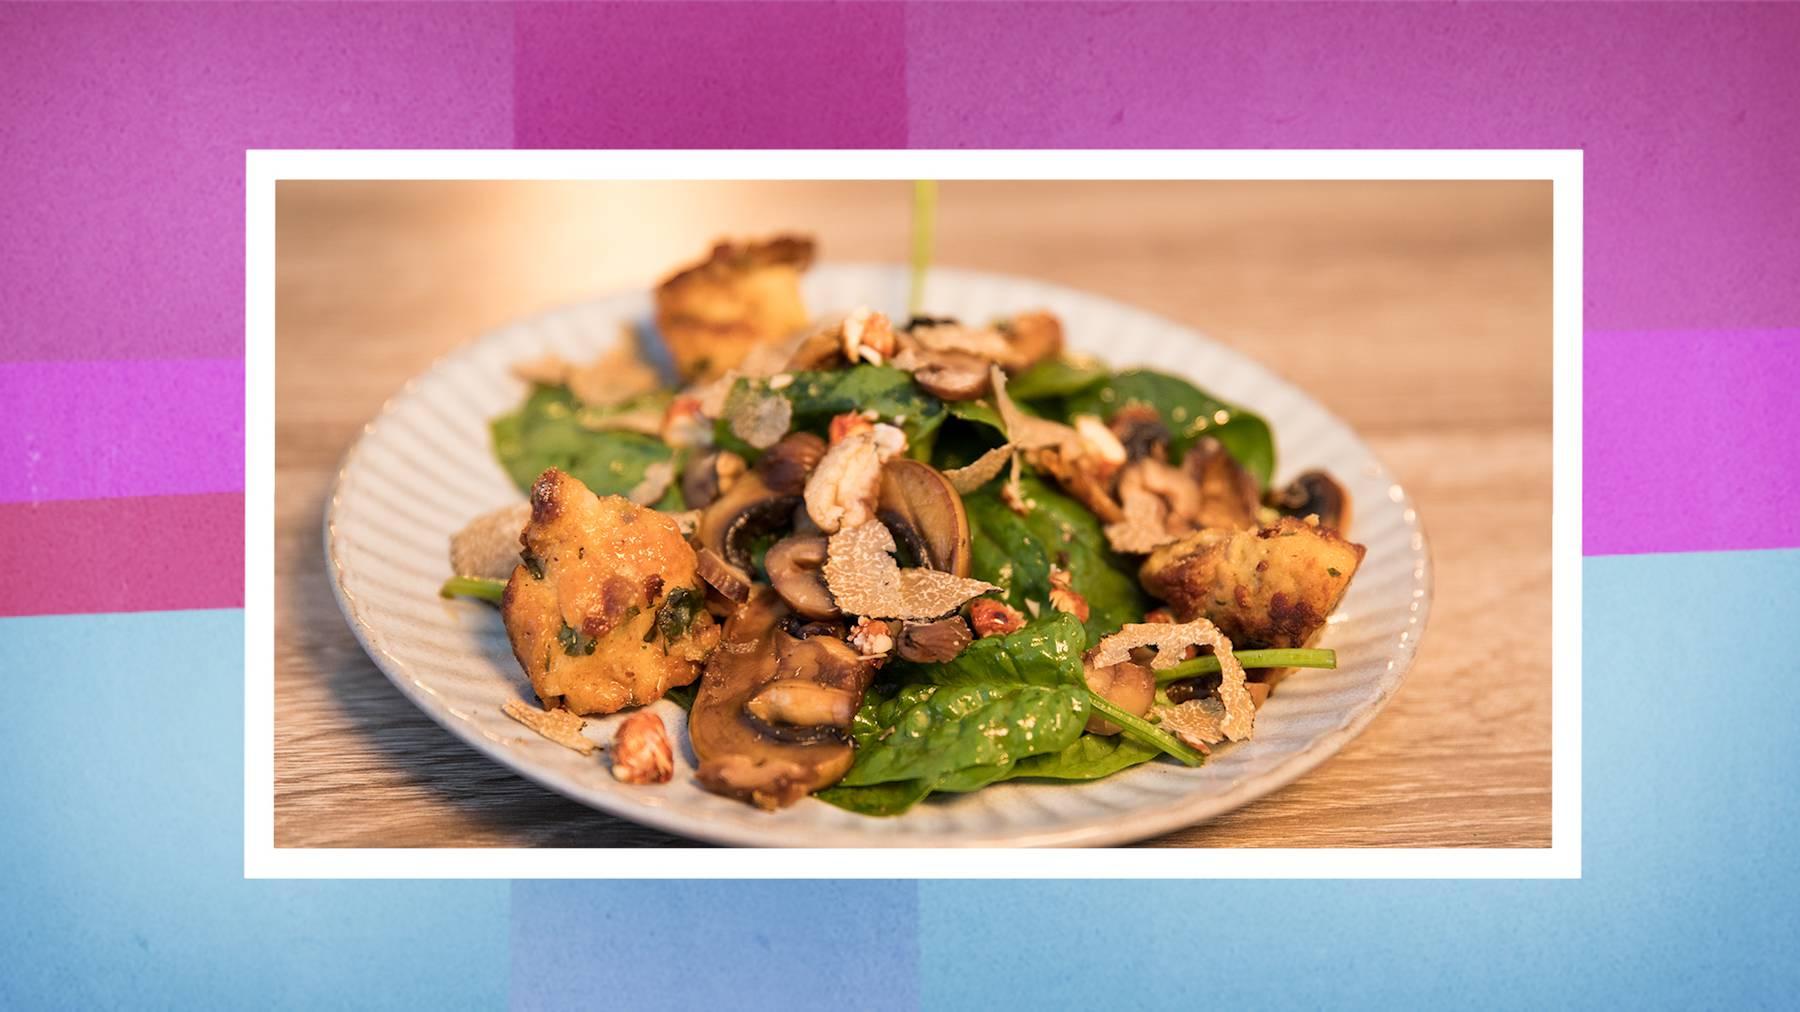 Die Vorspeise: Saisonsalat mit selbstgemachtem Sauerteigbrot.